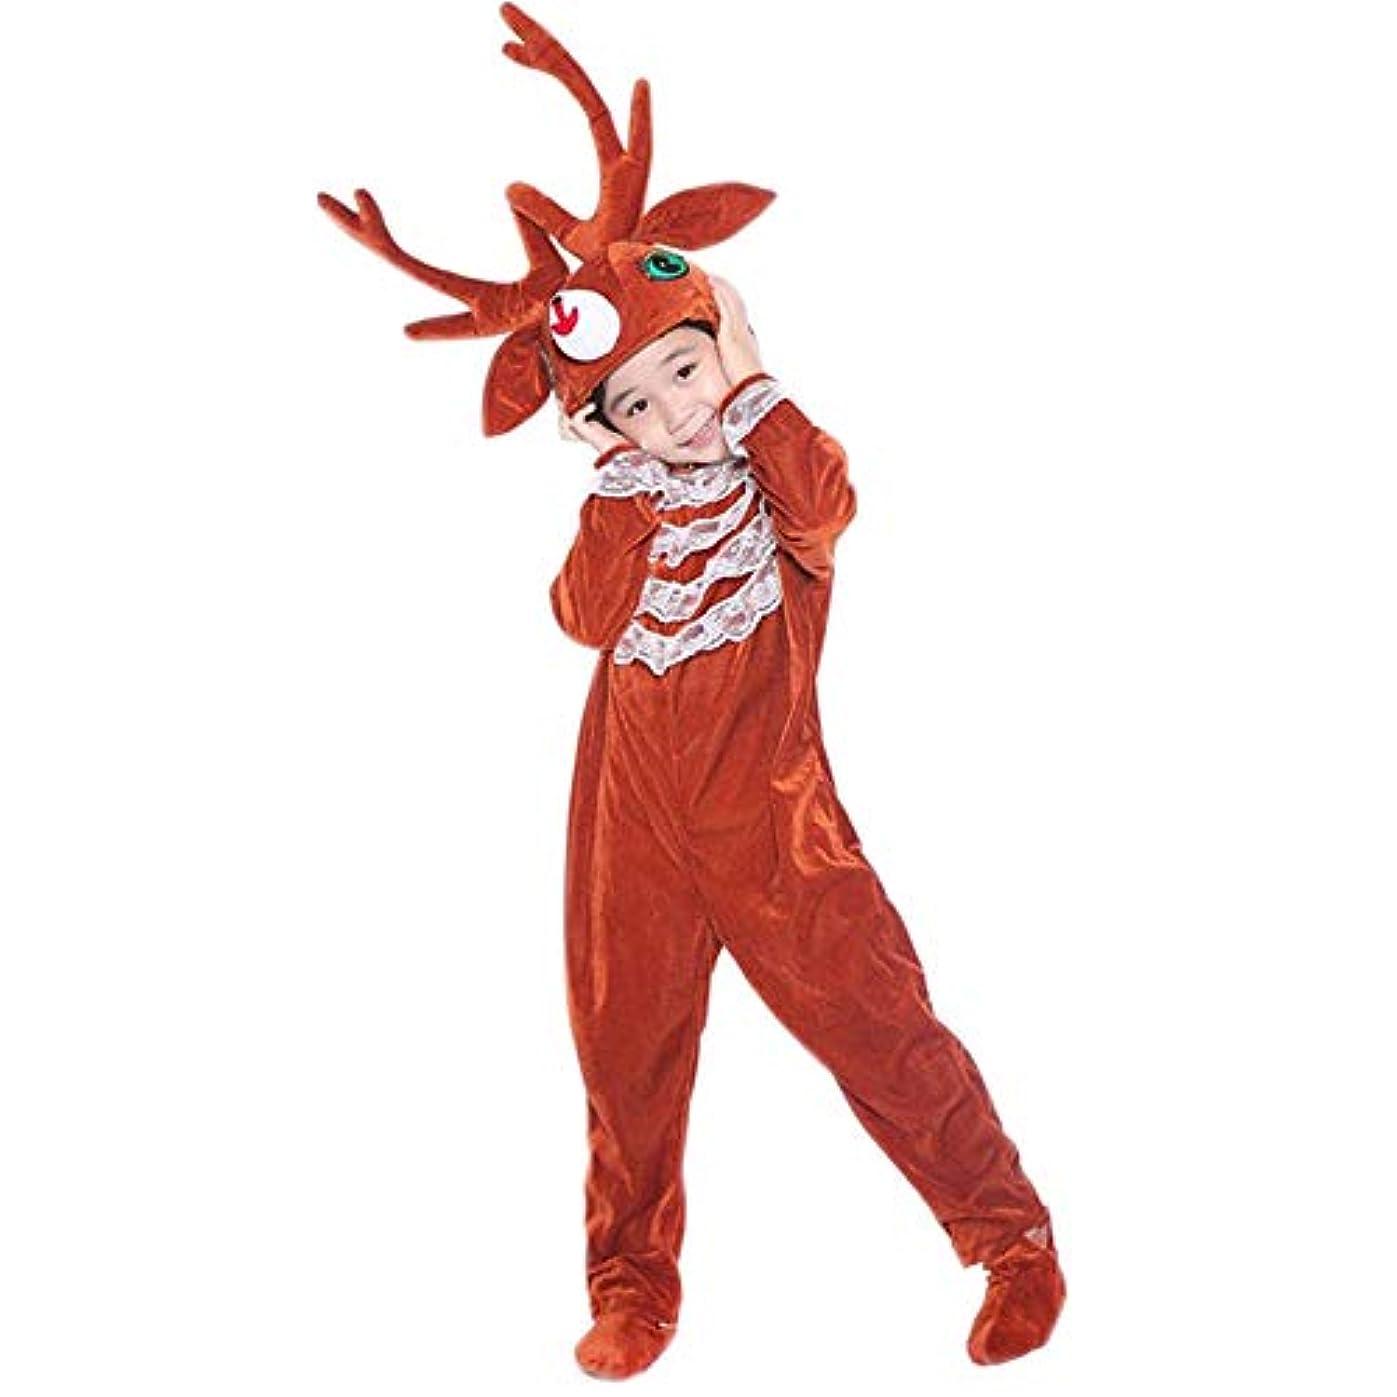 意志に反する捨てる飛行機トナカイ キッズコスチューム 子とも 着ぐるみ クリスマス 衣装 ボーイズ ガールズ かわいい 仮装 クリスマス衣類 祭り雰囲気